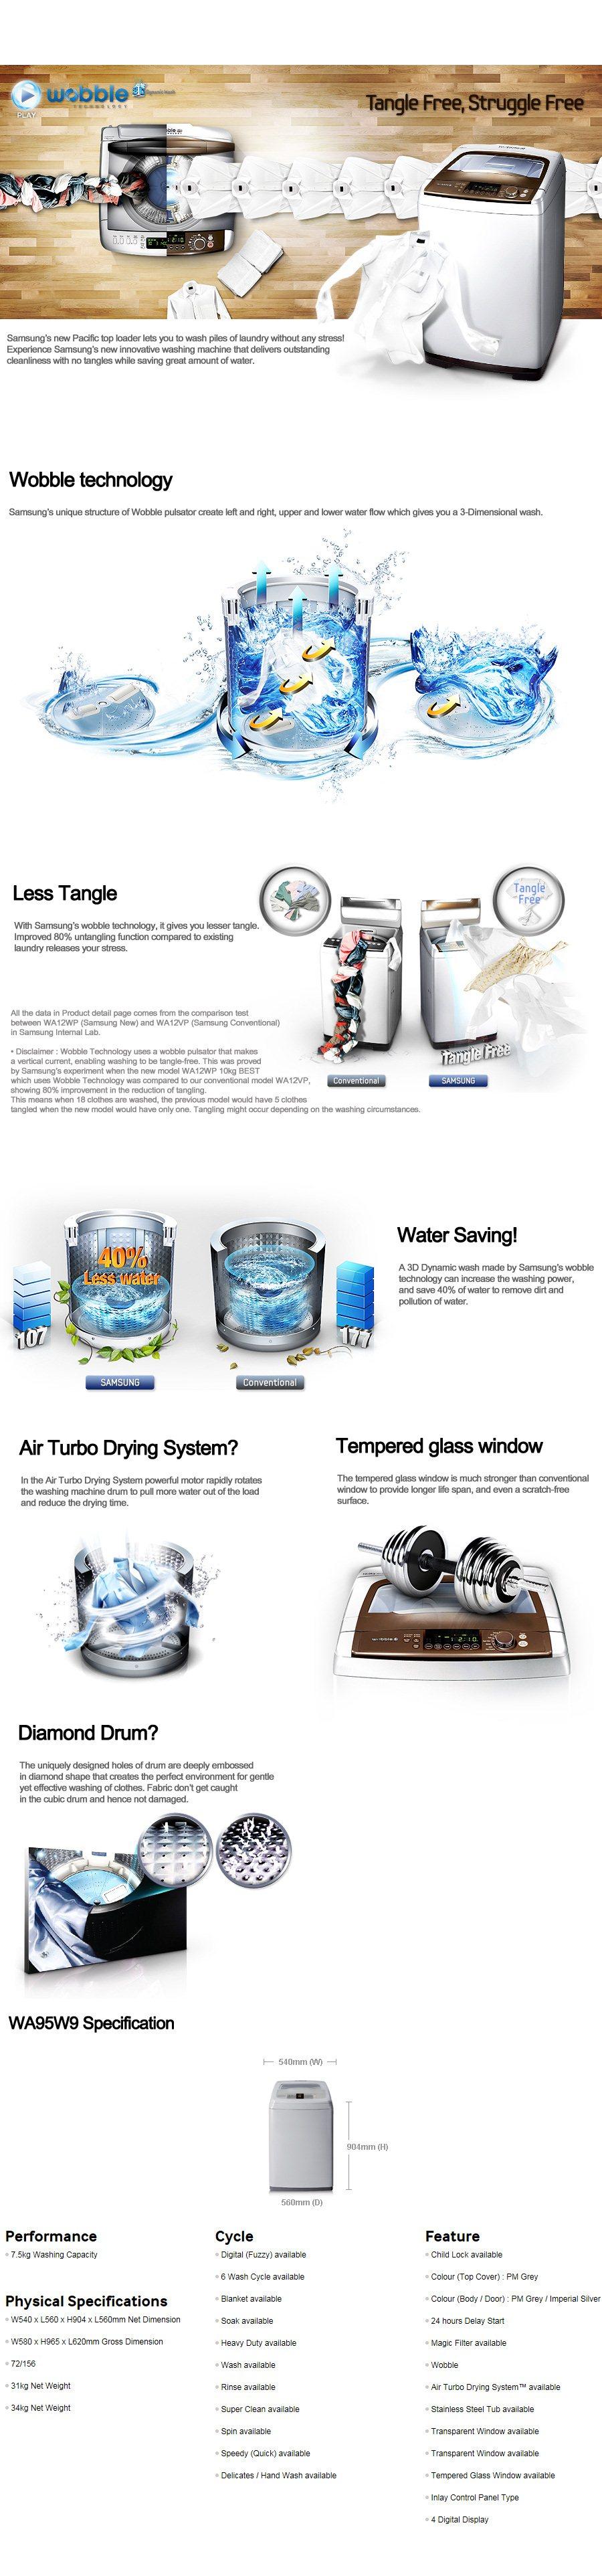 samsung washing machine helpline